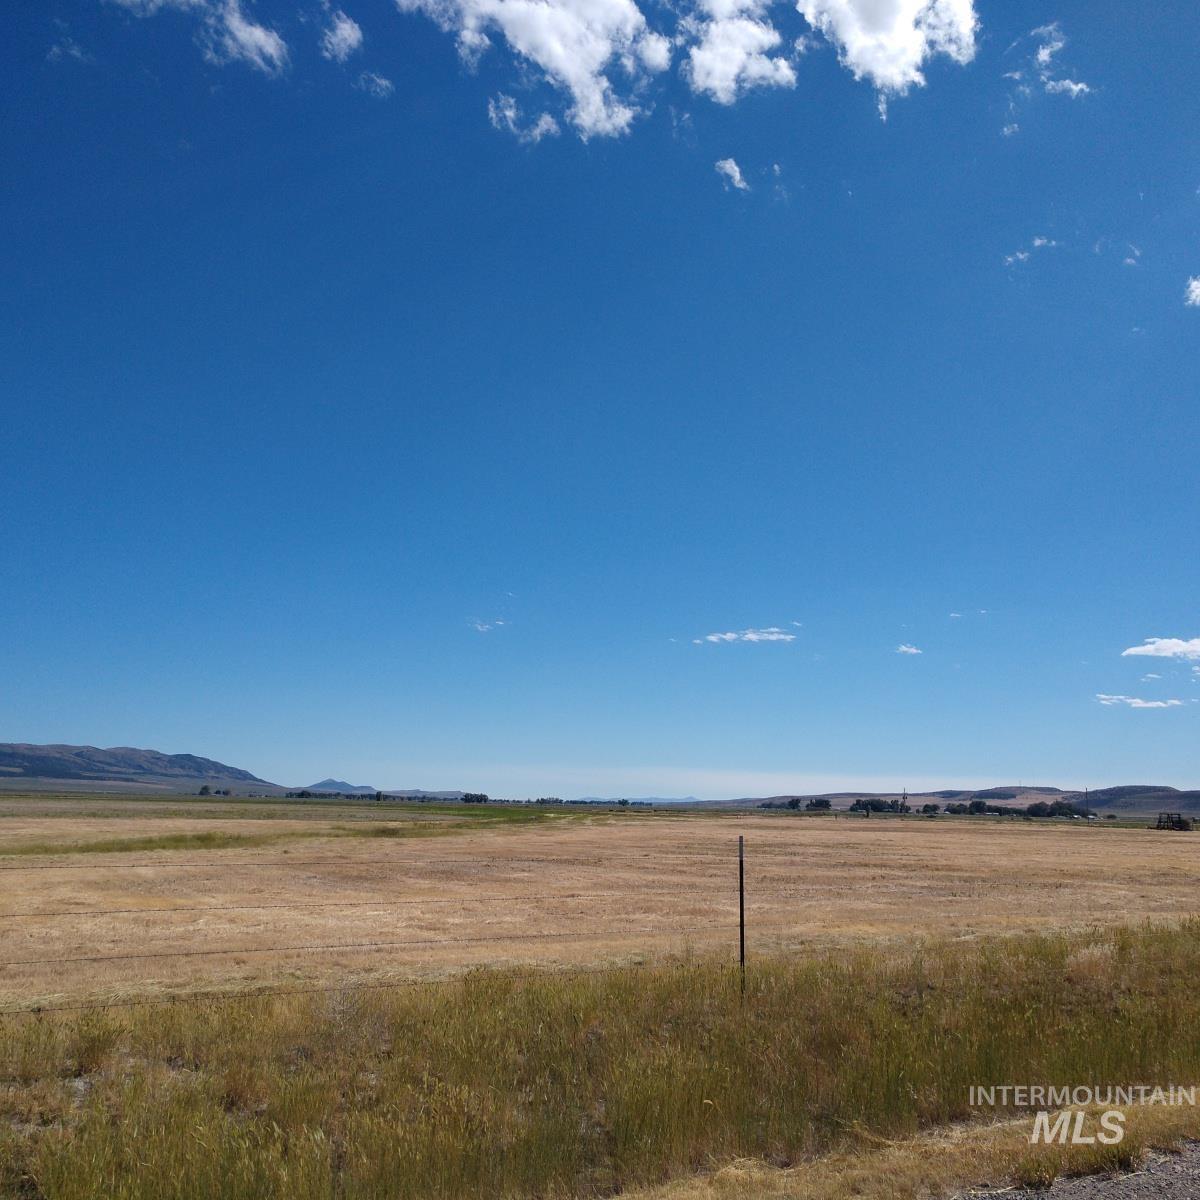 Tbd W 10500 S Property Photo 3